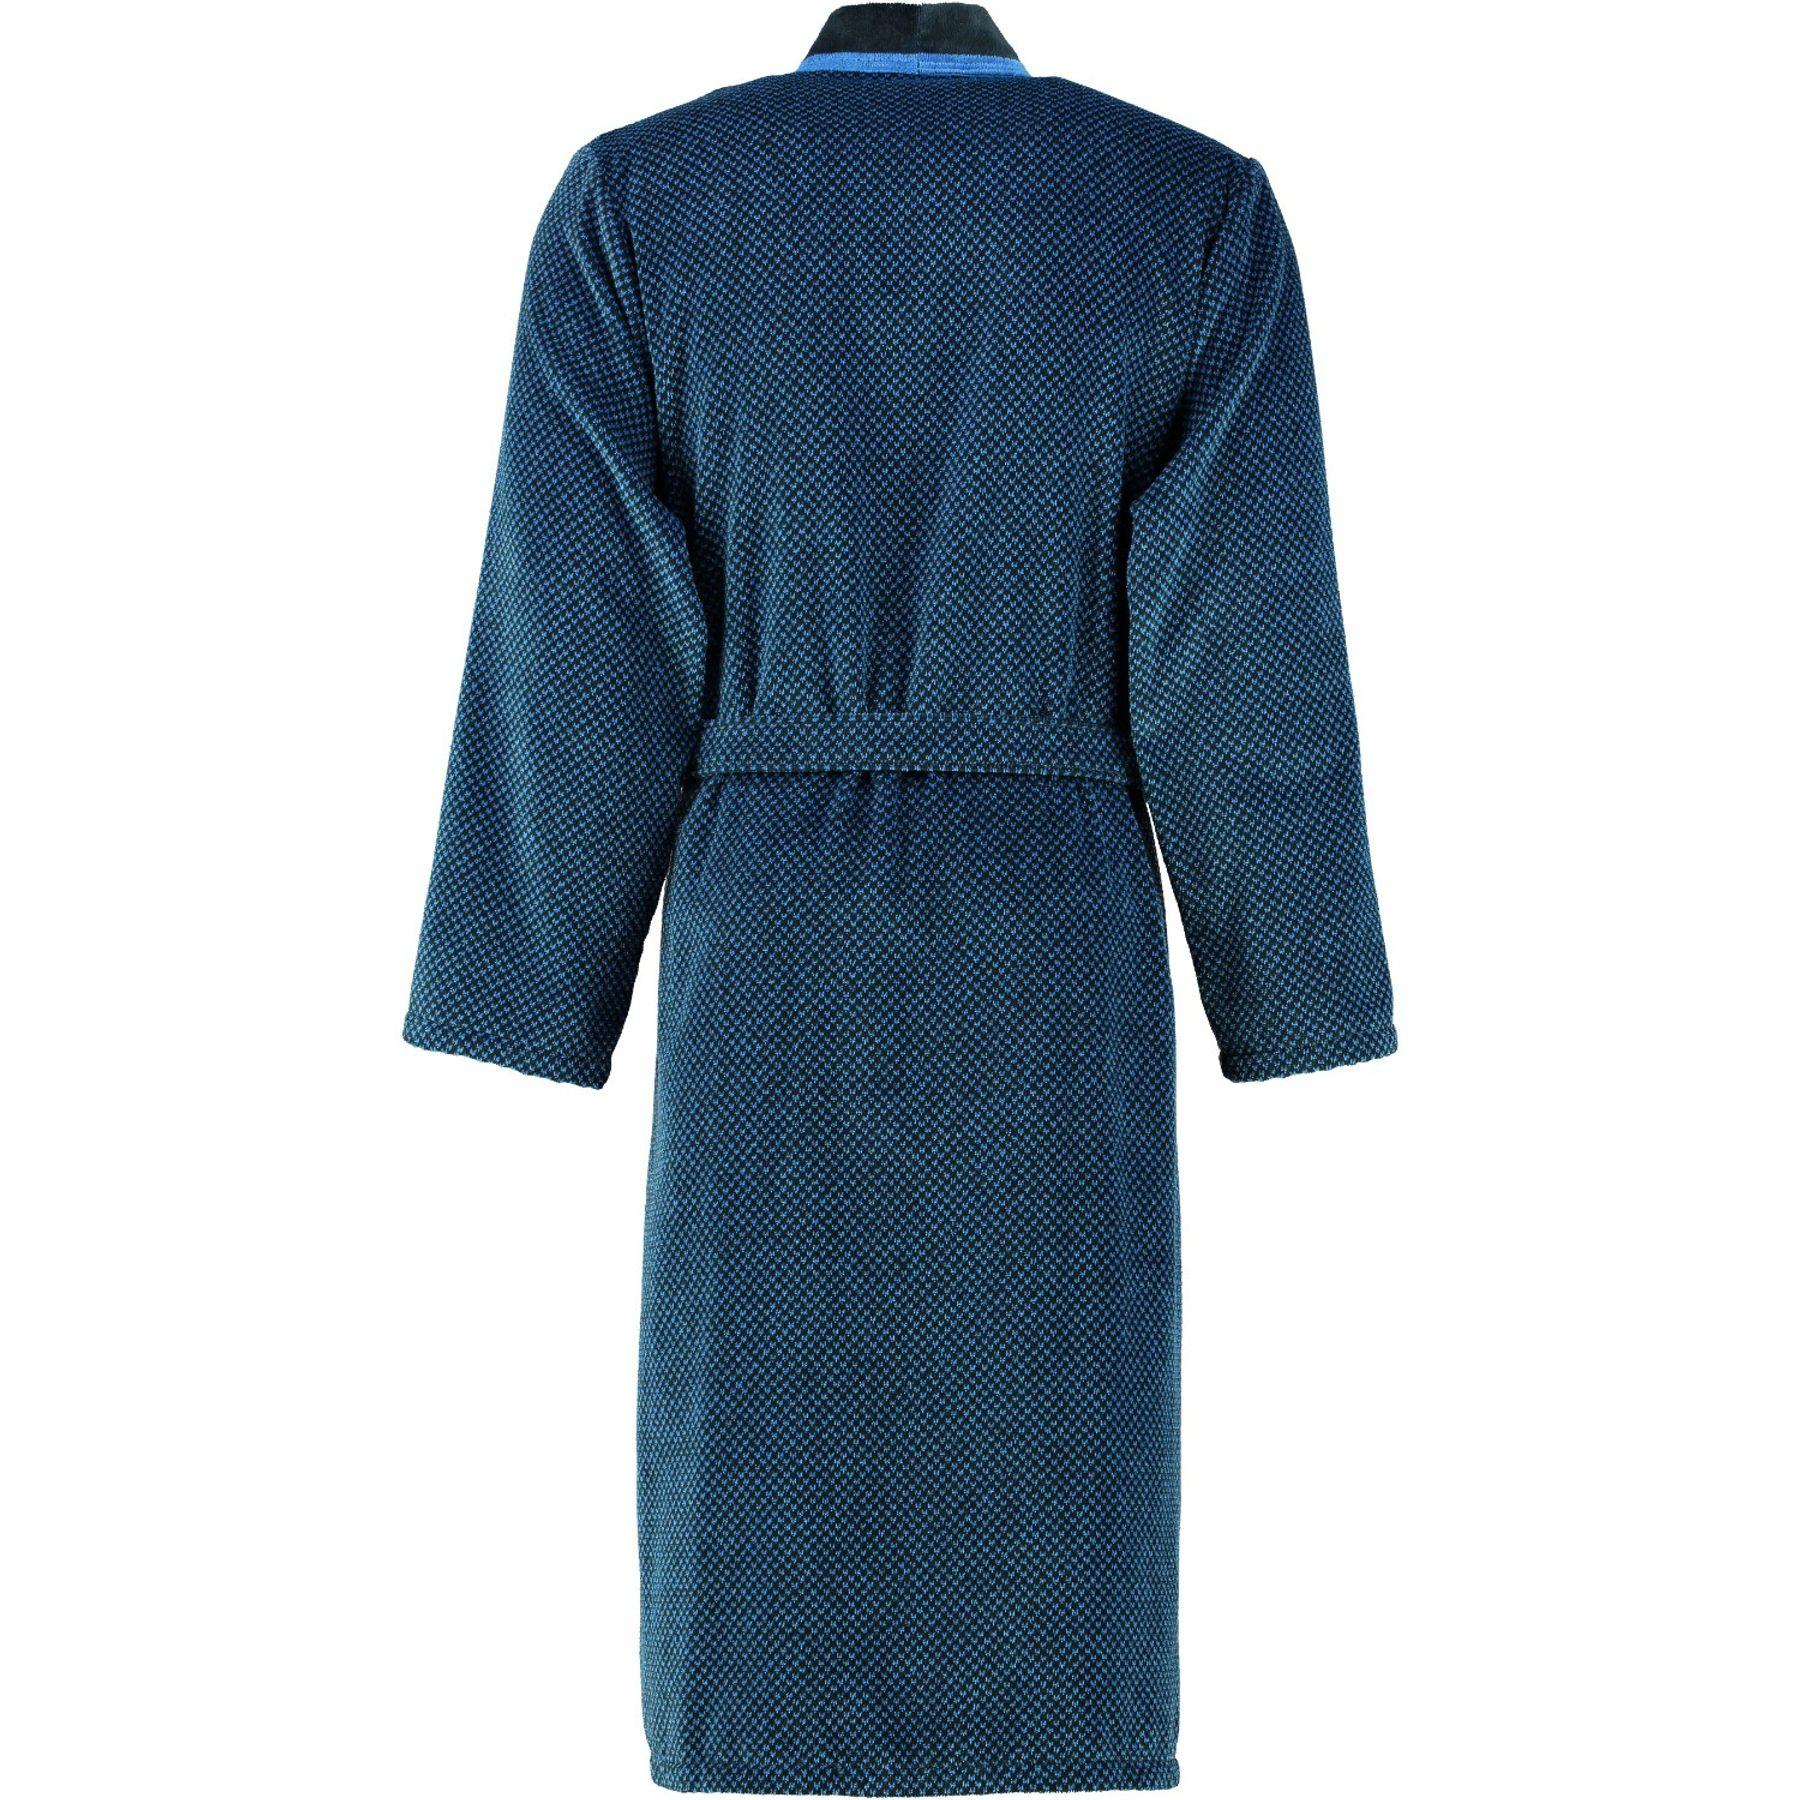 Cawö - Herren Velours Bademantel in Kimono Form, verschiedene Farbtönen (4839) – Bild 4